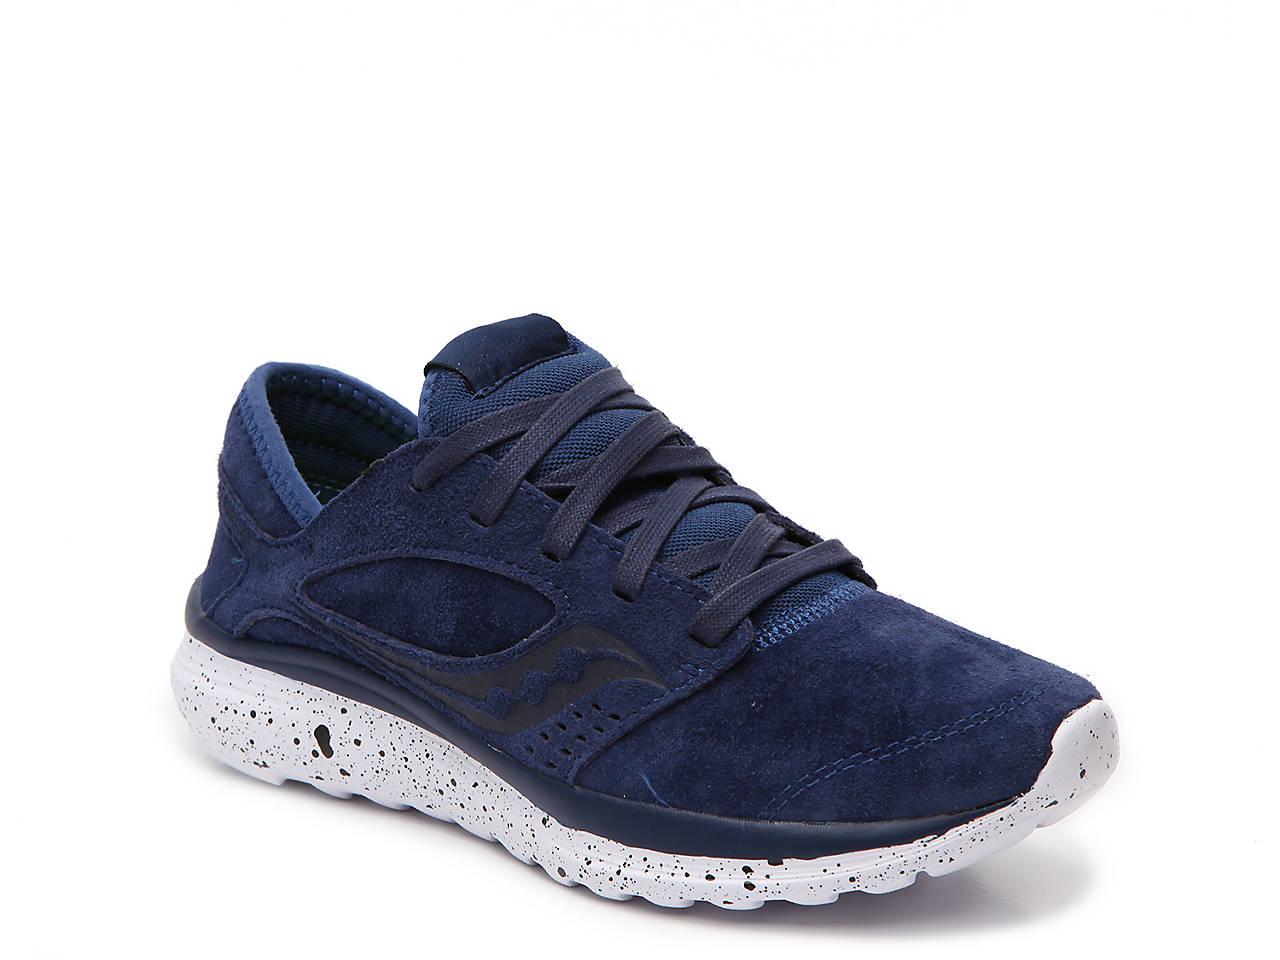 e6306c1655 Kineta Relay Premium Performance Running Shoe - Women's